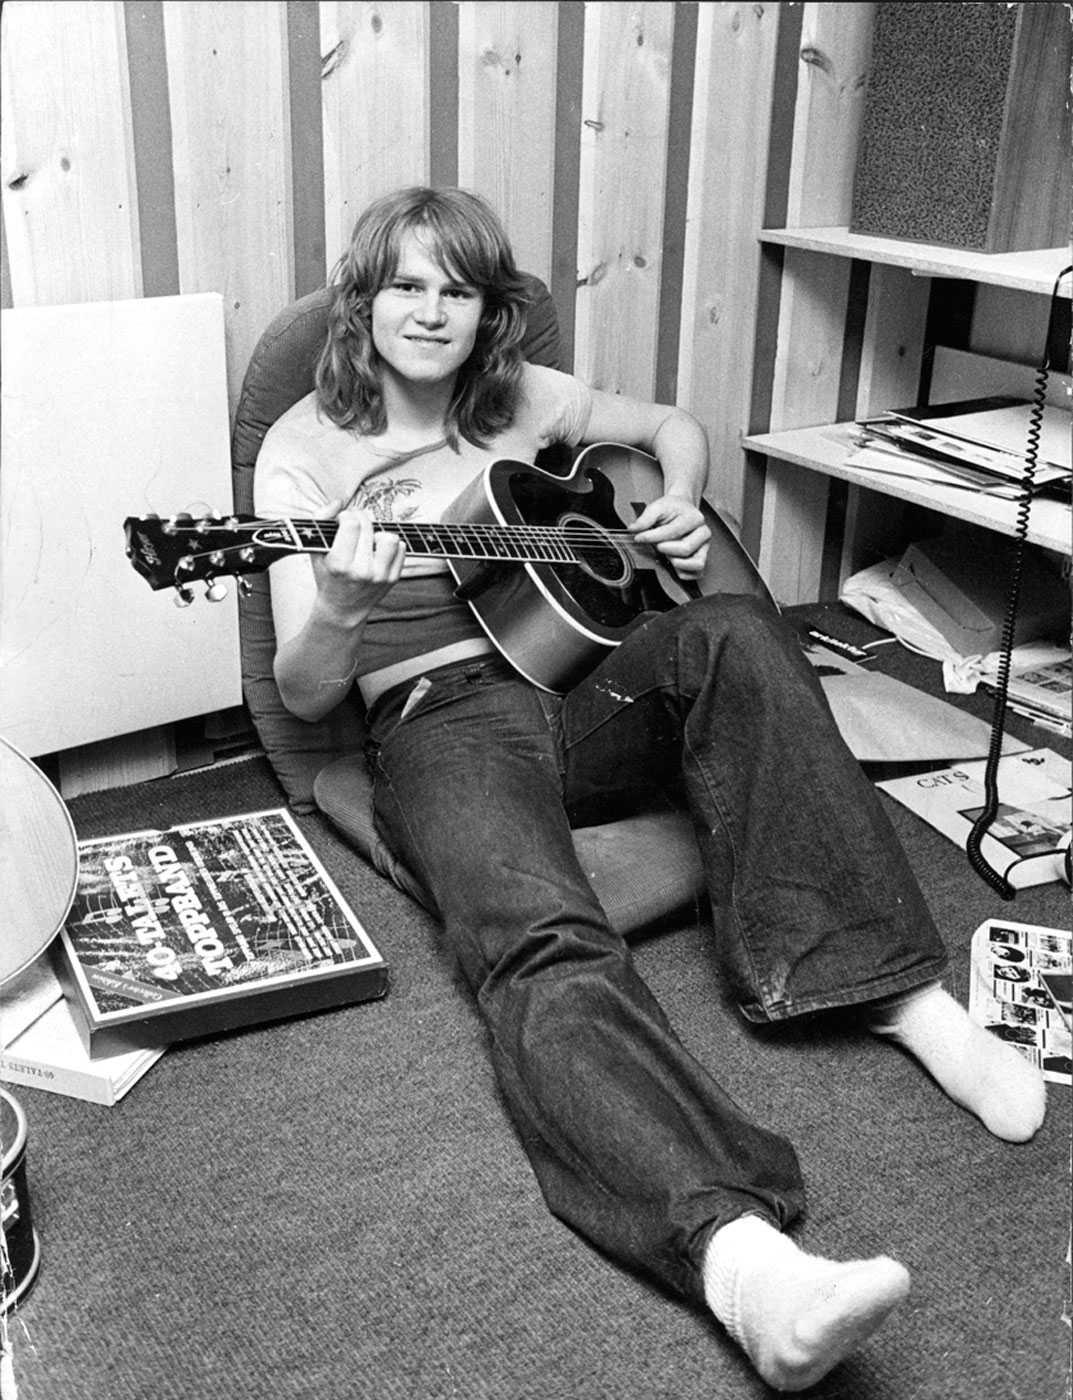 """SLOG IGENOM MED DUNDER OCH BRAK Ted Gärdestad tog hela Sverige med storm när han gjorde succé i början av 70-talet med låtar som """"Jag vill ha en egen måne"""" och """"Sol, vind och vatten"""". """"Jag var med från början till slutet av hans musikaliska karriär. Från början var Ted en glad liööe och vi blev jättebra kompisar"""", säger musikern Janne Schaffer."""